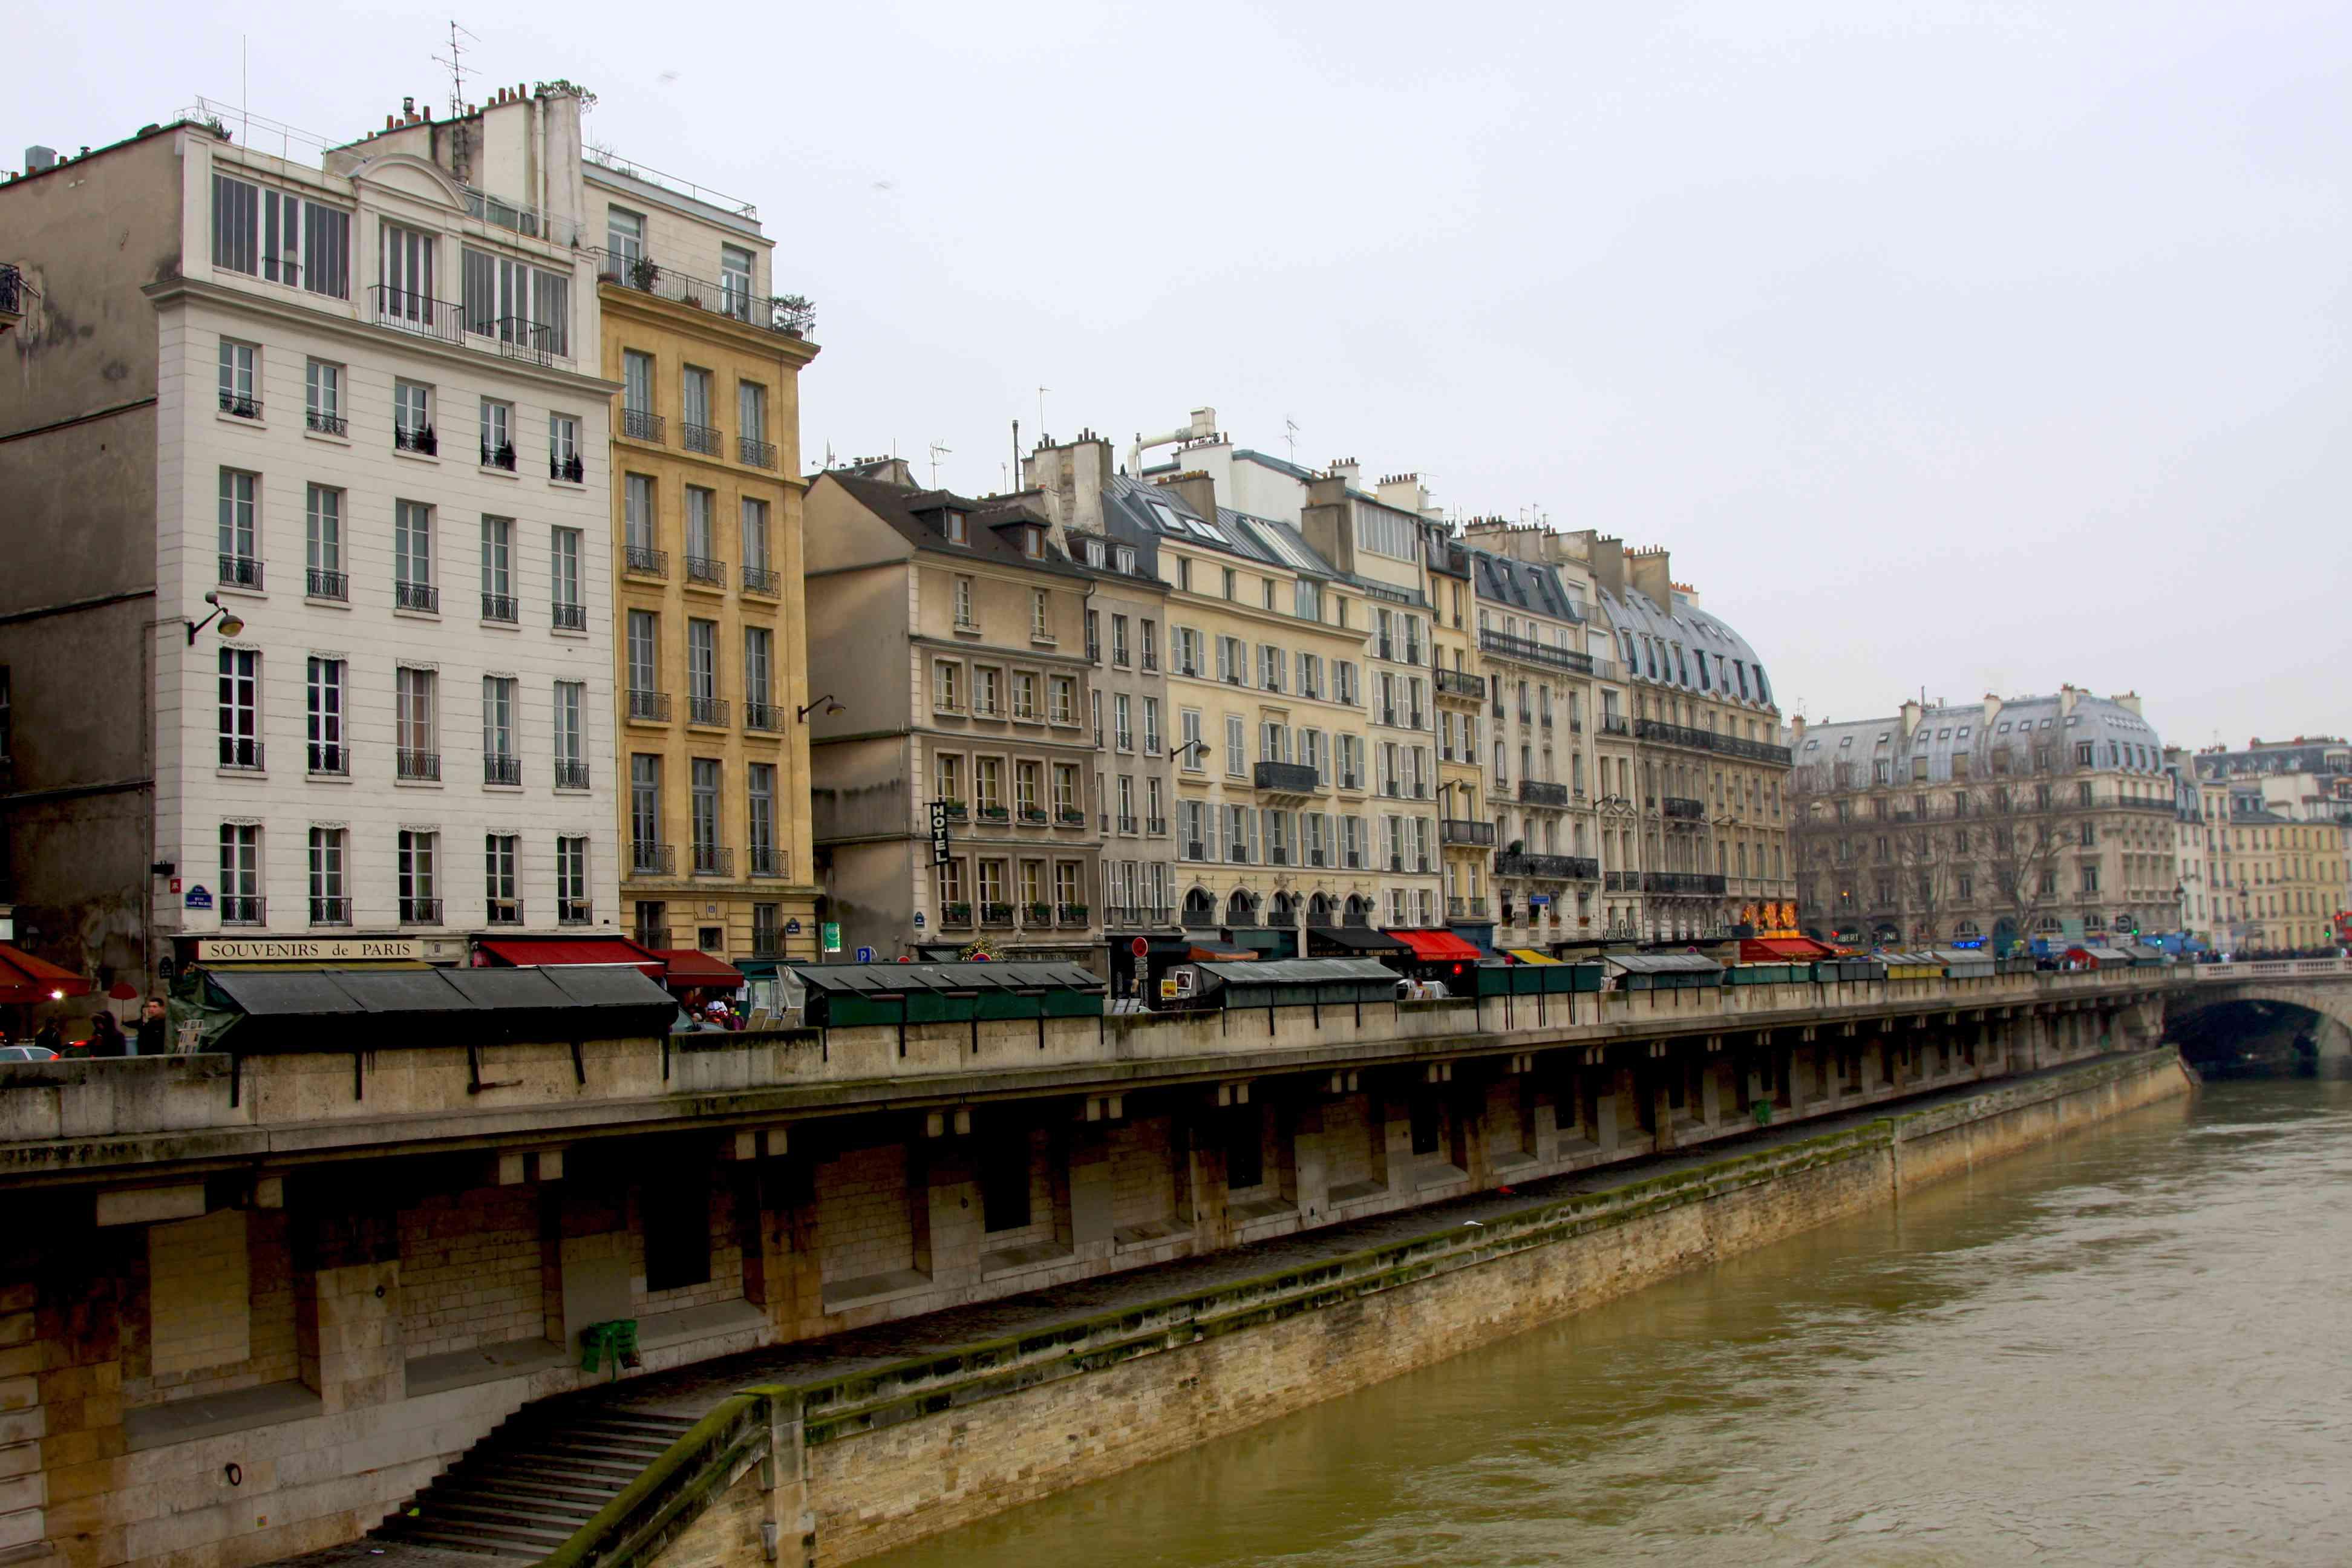 Quai St Michel in Paris